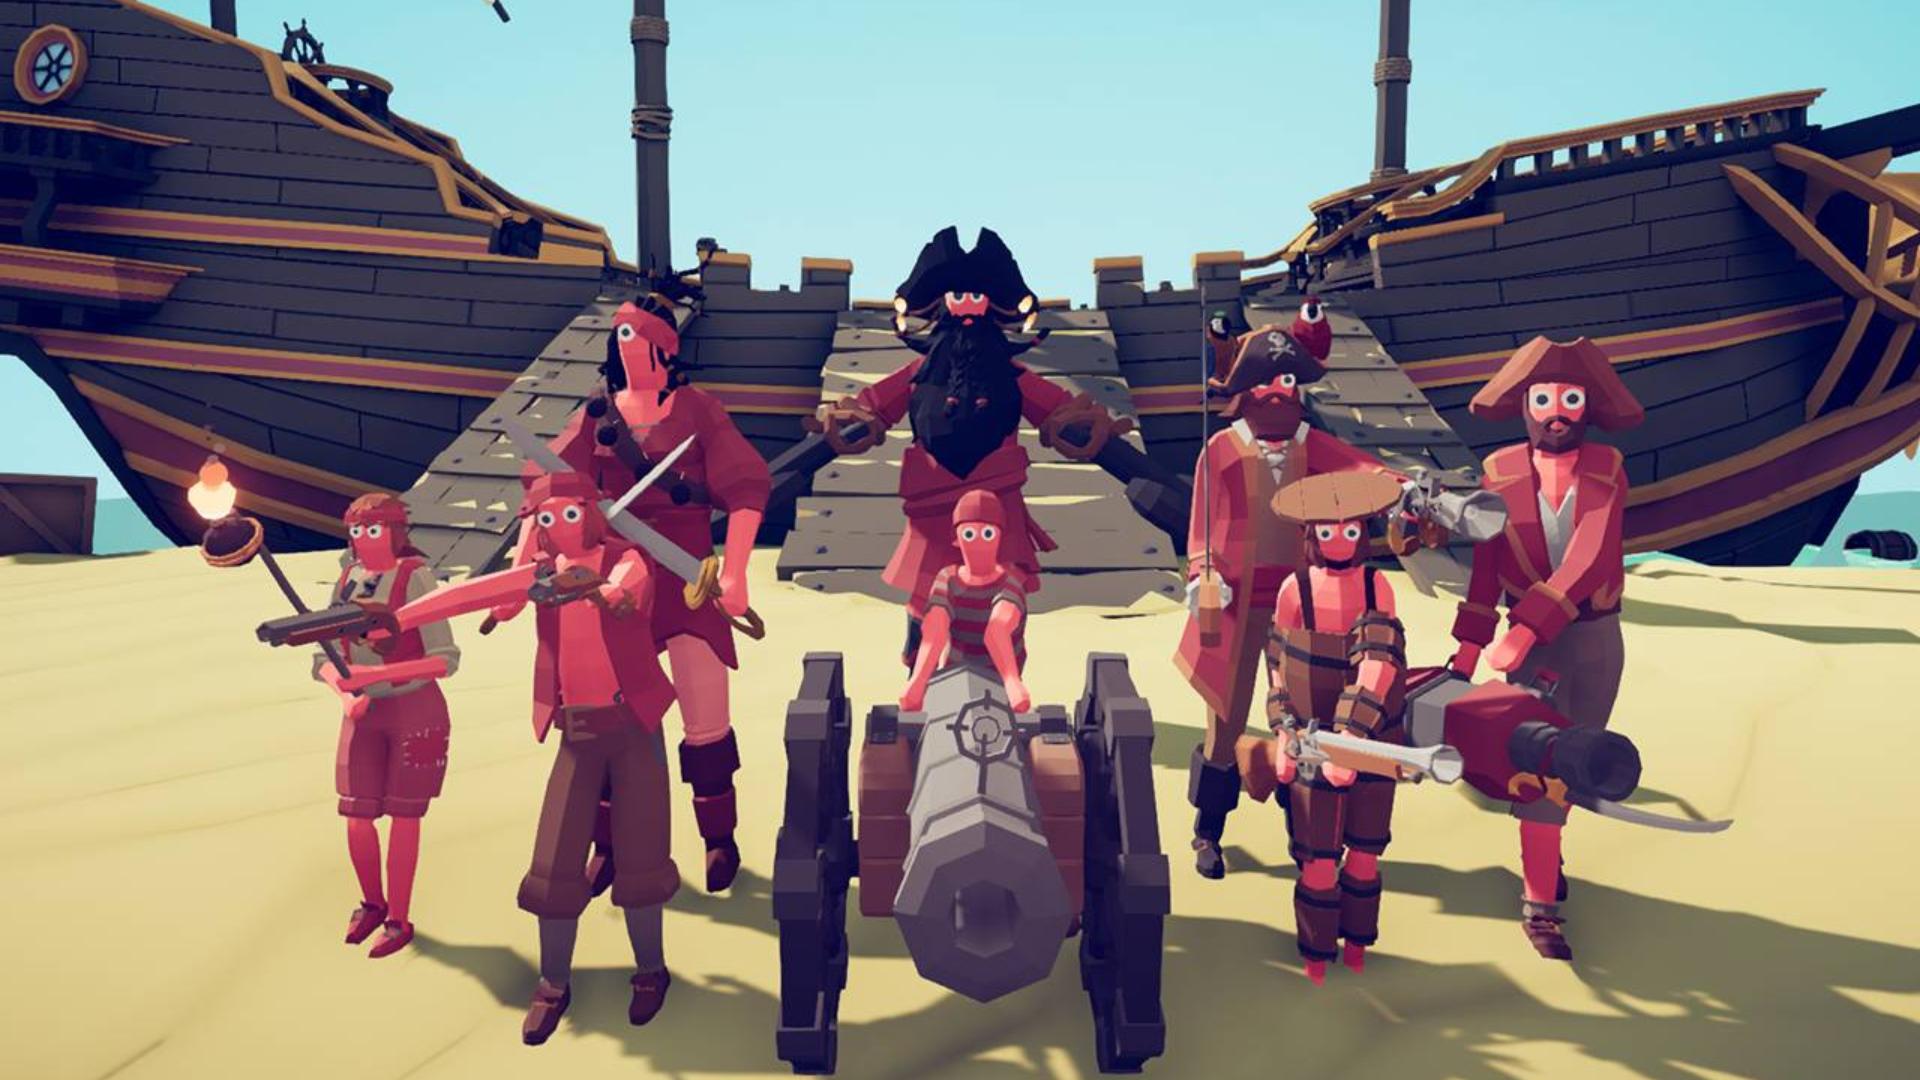 全面战争模拟器 海盗派系兵种介绍 实力强悍的海盗军团